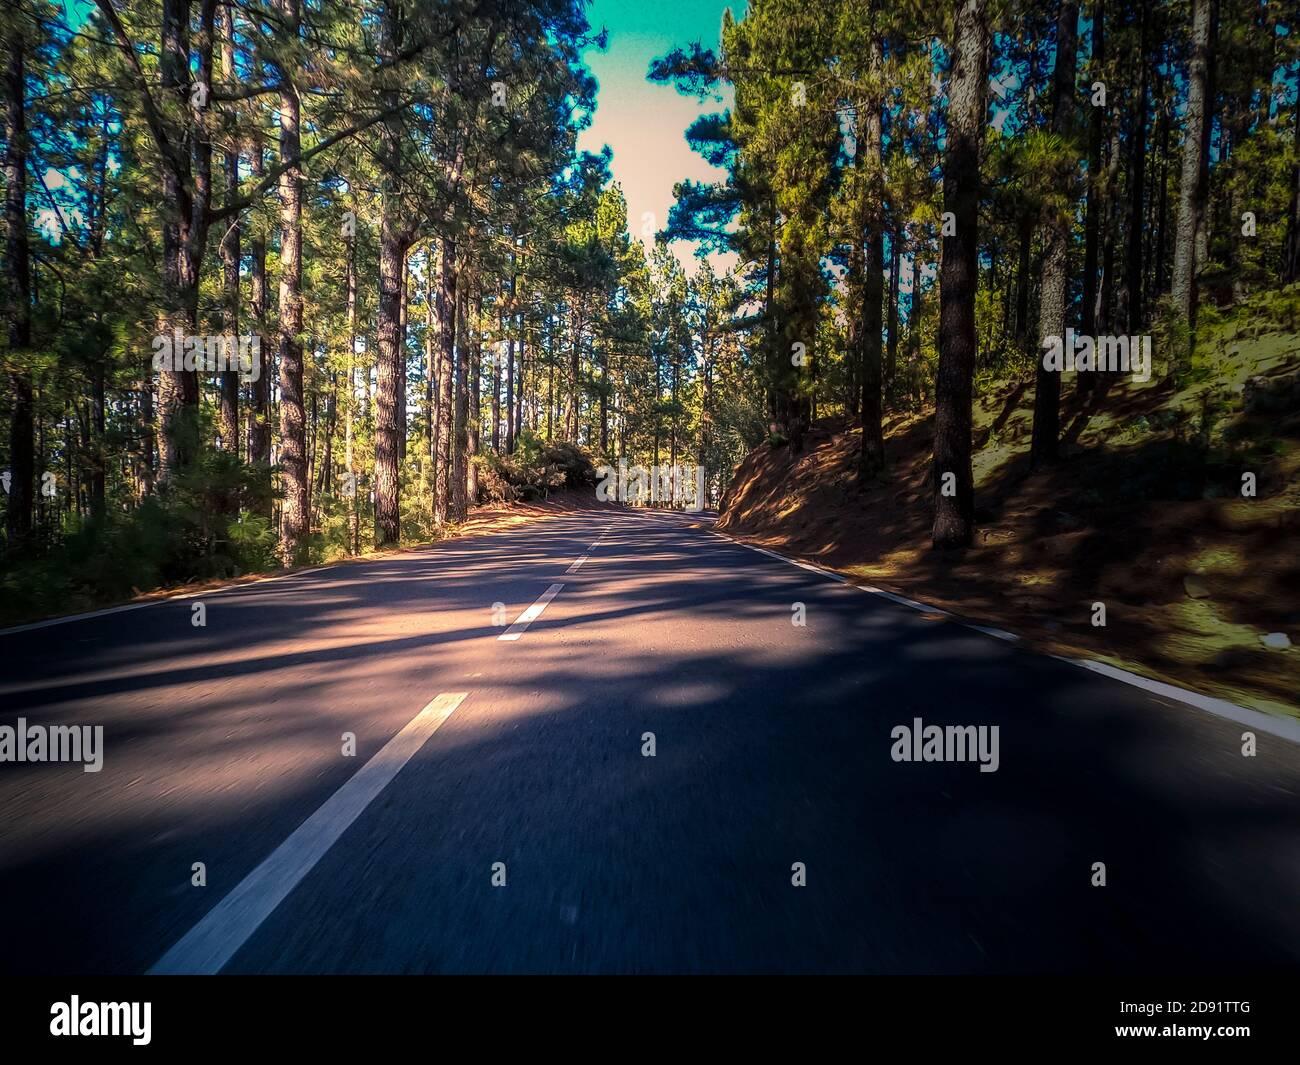 Lunga strada asfaltata vista terra e concetto di viaggio - montagna e cielo paesaggio - gita all'aperto su strada in luogo panoramico sfondo Foto Stock